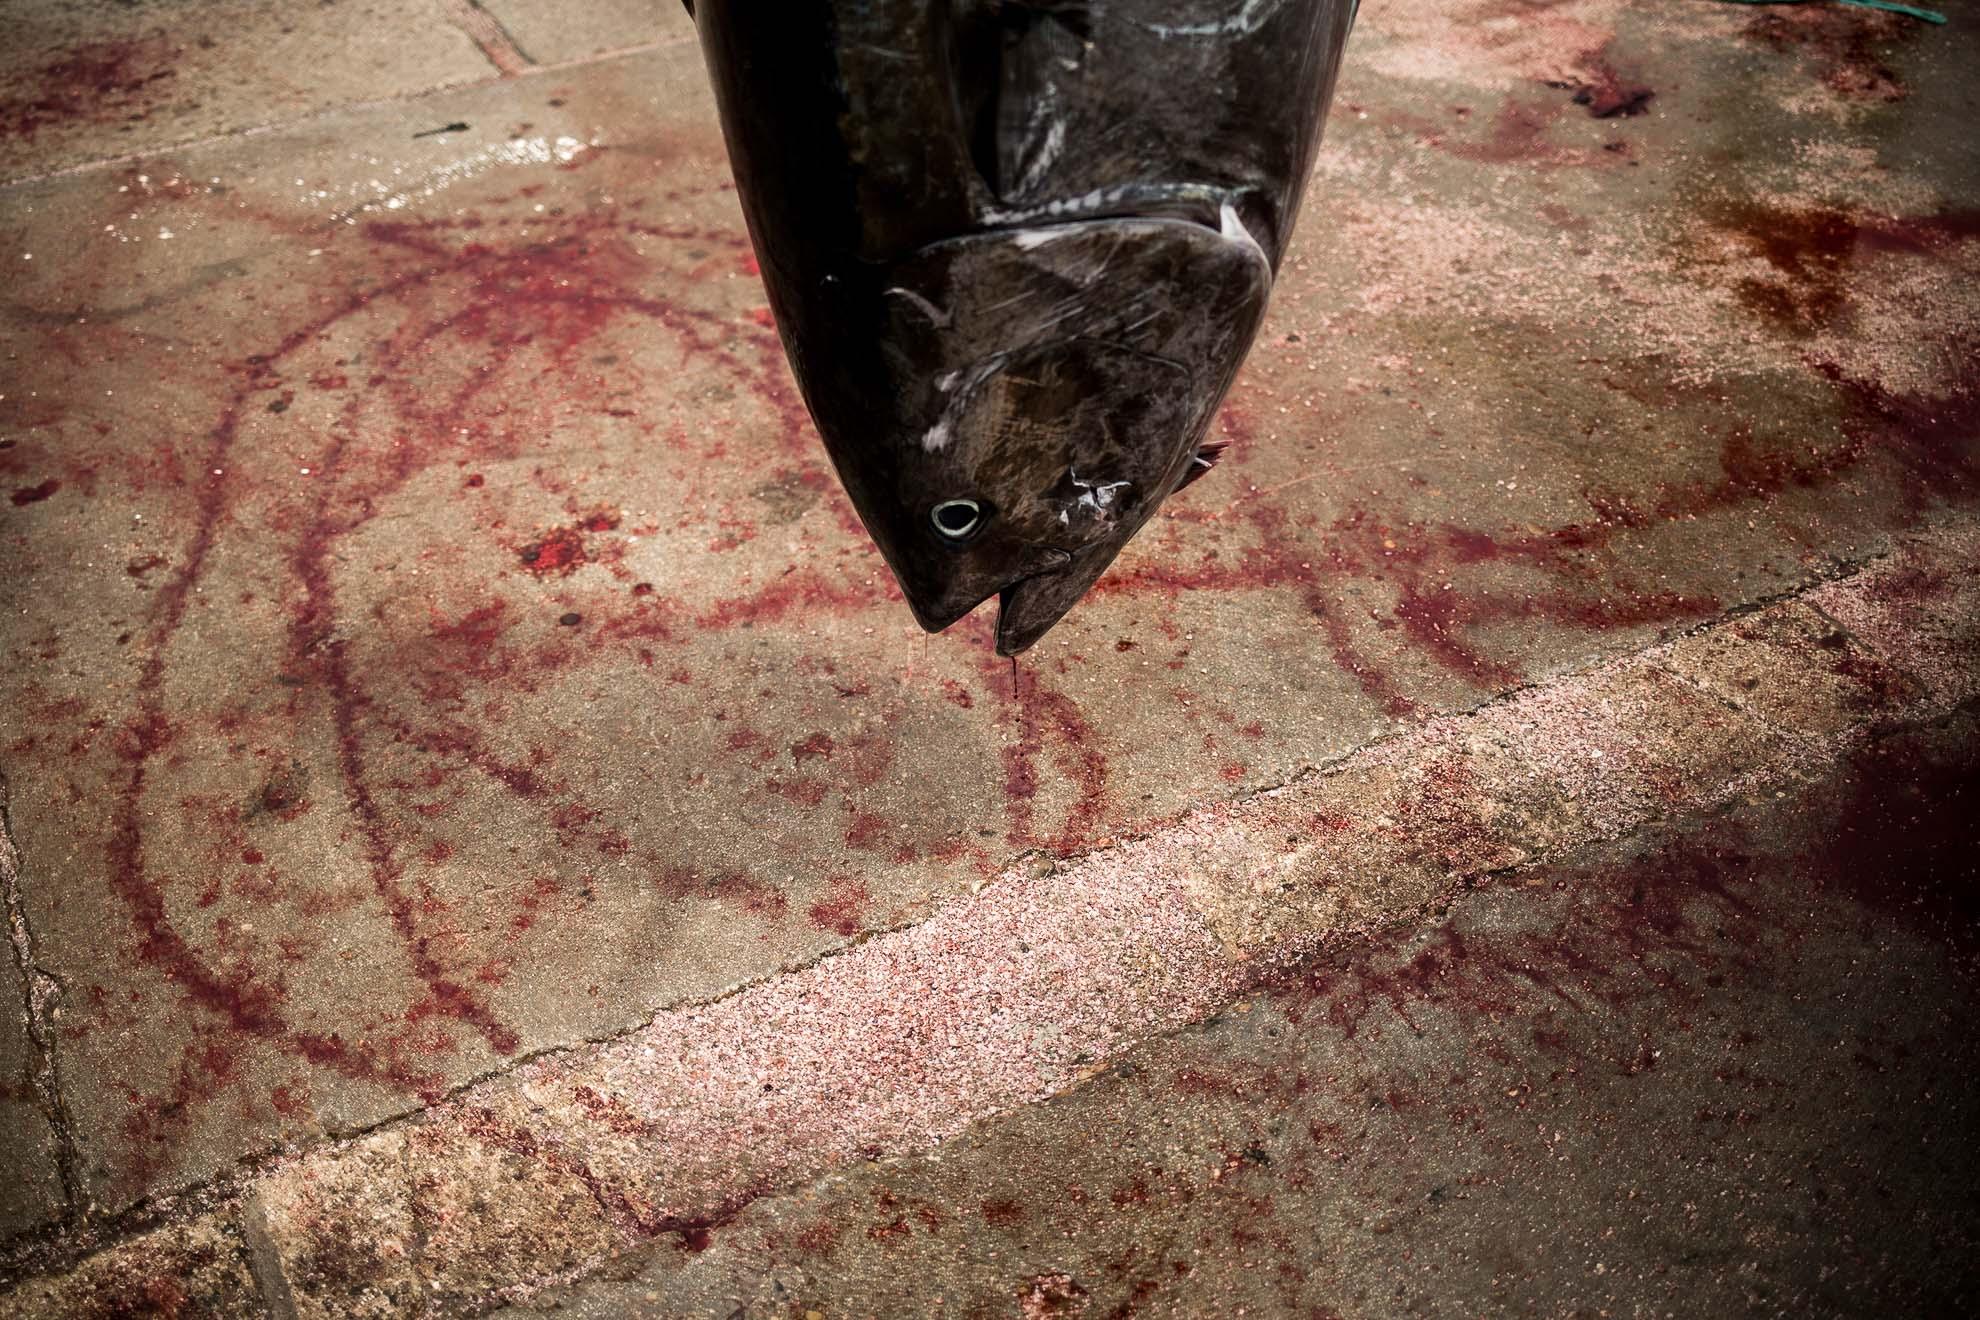 La almadraba en la provincia de Cádiz es un sistema de pesca milenaria del atún rojo salvaje que, aprovechando el paso por el Estrecho de Gibraltar en su proceso migratorio, captura grandes piezas muy cerca de la costa. Muy apreciado por su calidad, el cupo pesquero se vio reducido durante muchos años debido al drástico descenso en número de ejemplares. Este año es el primero en el que el cupo ha subido, al haberse recuperado la especie. Pero este hecho tiene un sabor agridulce para la comarca de La Janda, ya que la pandemia ha truncado la salida a gran parte del mercado de su producto estrella.